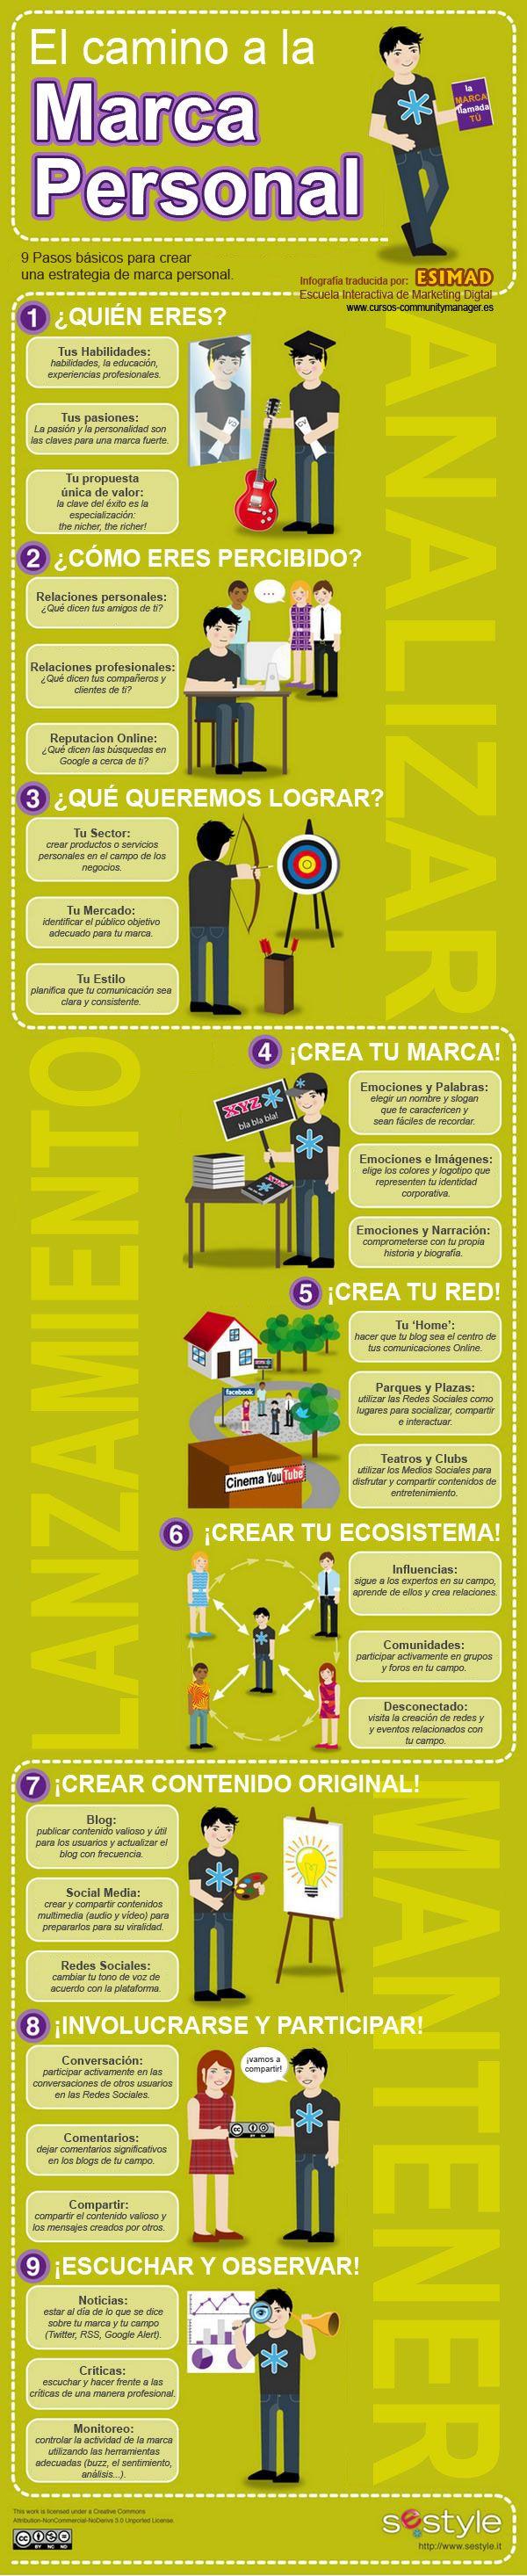 Infografia - El reconocimiento de marca en tu negocio online - lynkoo